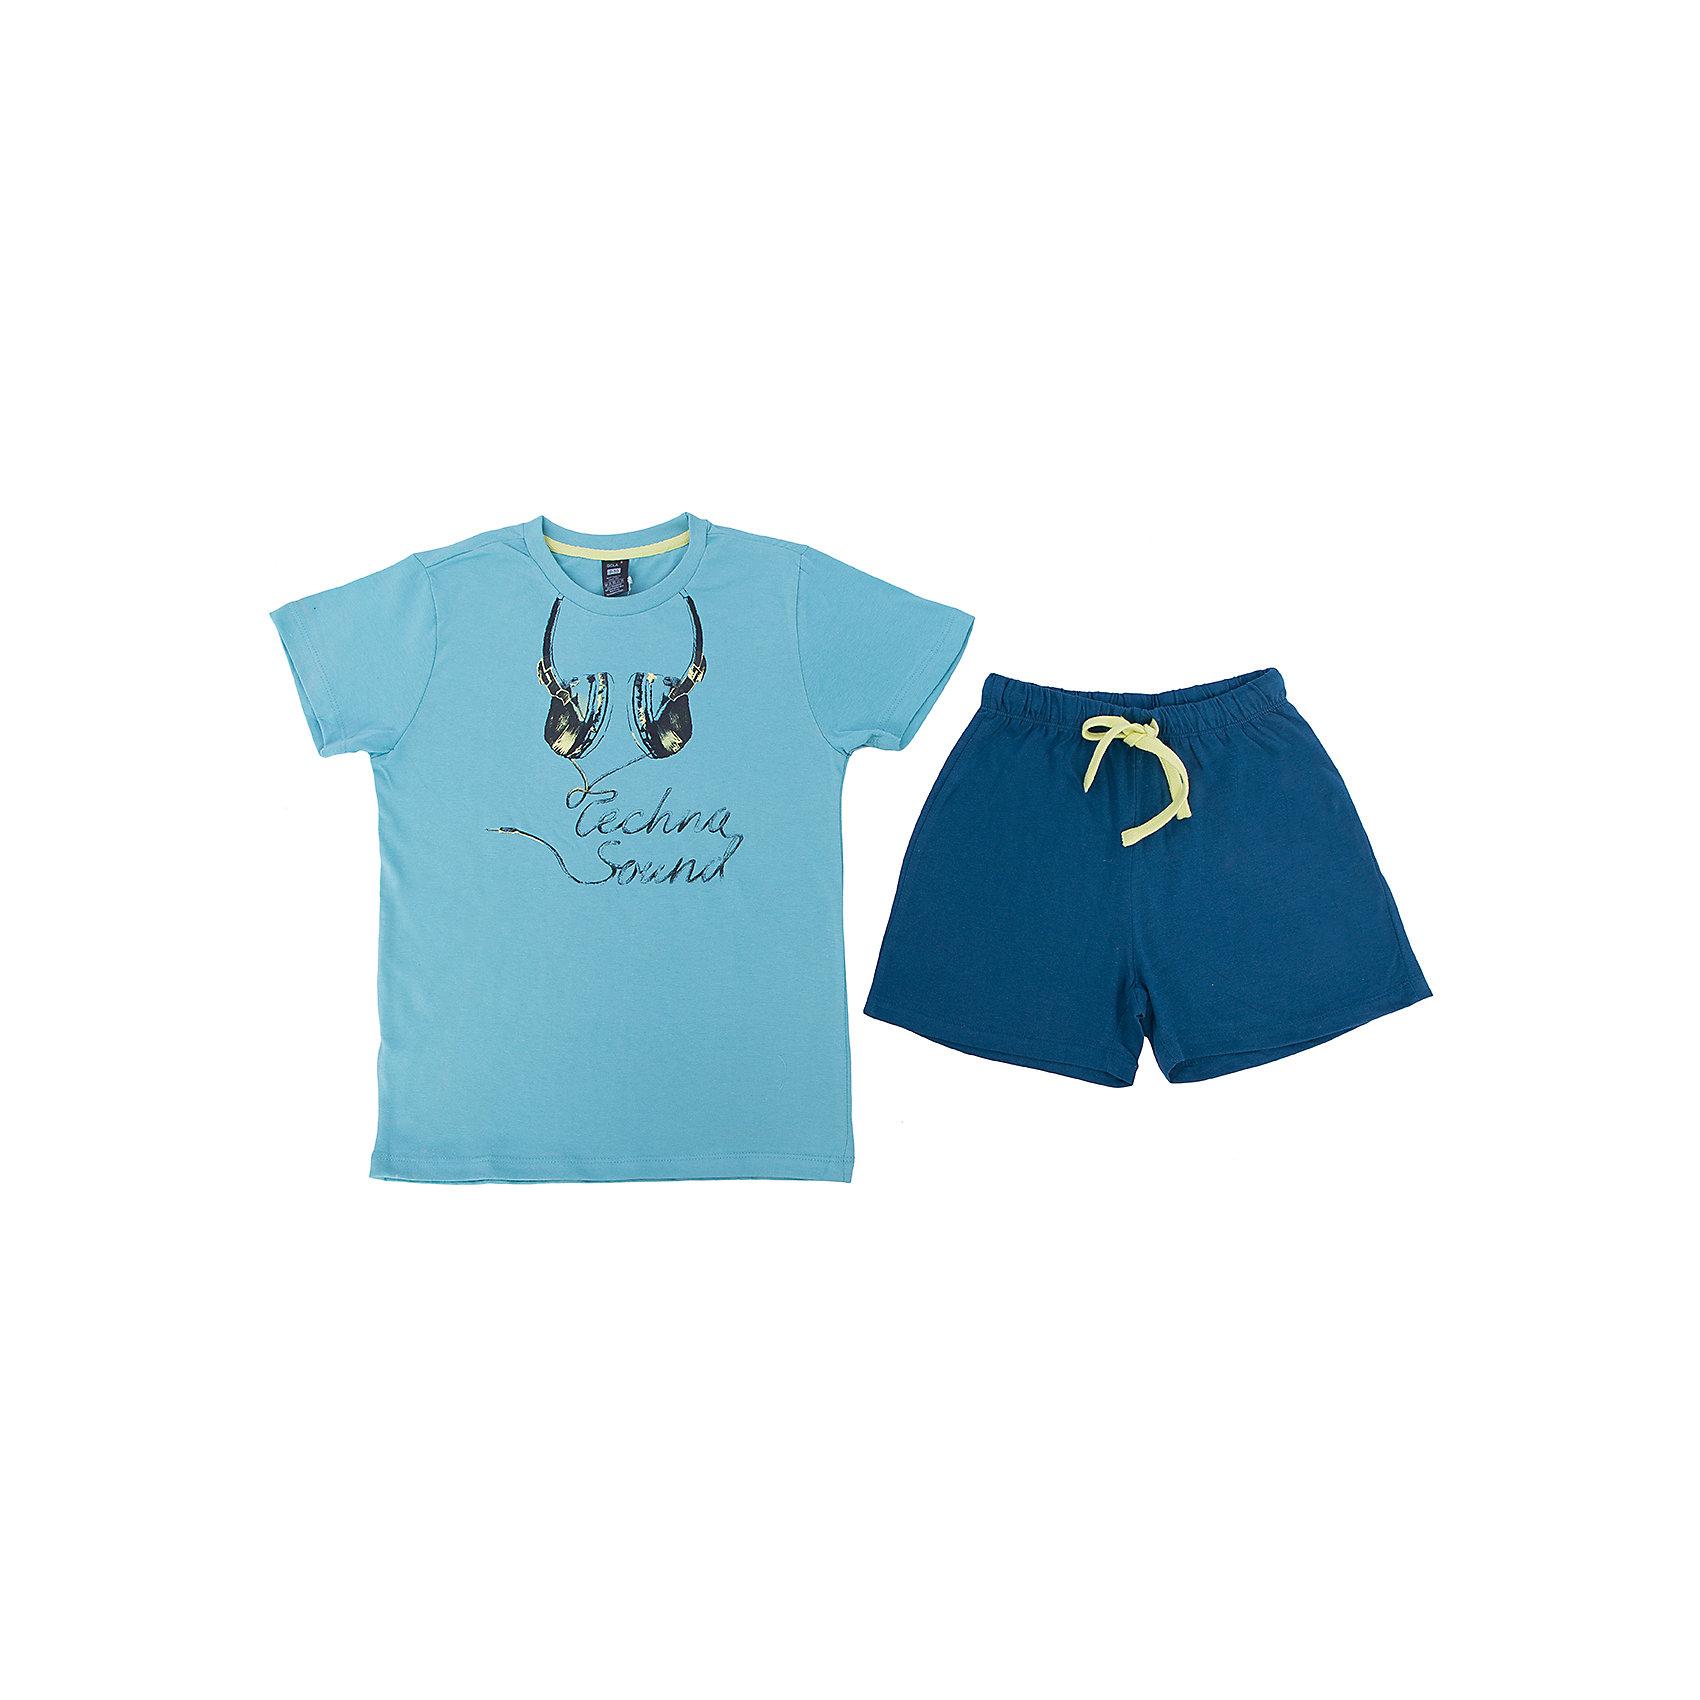 Пижама для мальчика SELAПижама для мальчика из коллекции осень-зима 2016-2017 от известного бренда SELA. Стильная бирюзово-синяя хлопковая пижама позволяет коже дышать и чувствовать себя в ней настоящей звездой. В комплект входят темно-синие шорты и бирюзовая футболка. На шортах имеется практичный желтый шнурок, позволяющий контролировать эластичную резинку.<br> <br>Дополнительная информация:<br>- в комплект входят: шорты и футболка <br><br>Состав: 93% хлопок 7% ПЭ <br><br>Пижаму для мальчиков Sela можно купить в нашем интернет-магазине.<br>.<br>Подробнее:<br>• Для детей в возрасте: от 6 до 12 лет<br>• Номер товара: 4913303<br>Страна производитель: Индия<br><br>Ширина мм: 281<br>Глубина мм: 70<br>Высота мм: 188<br>Вес г: 295<br>Цвет: голубой<br>Возраст от месяцев: 96<br>Возраст до месяцев: 108<br>Пол: Мужской<br>Возраст: Детский<br>Размер: 128/134,104/110,116/122,92/98<br>SKU: 4913302